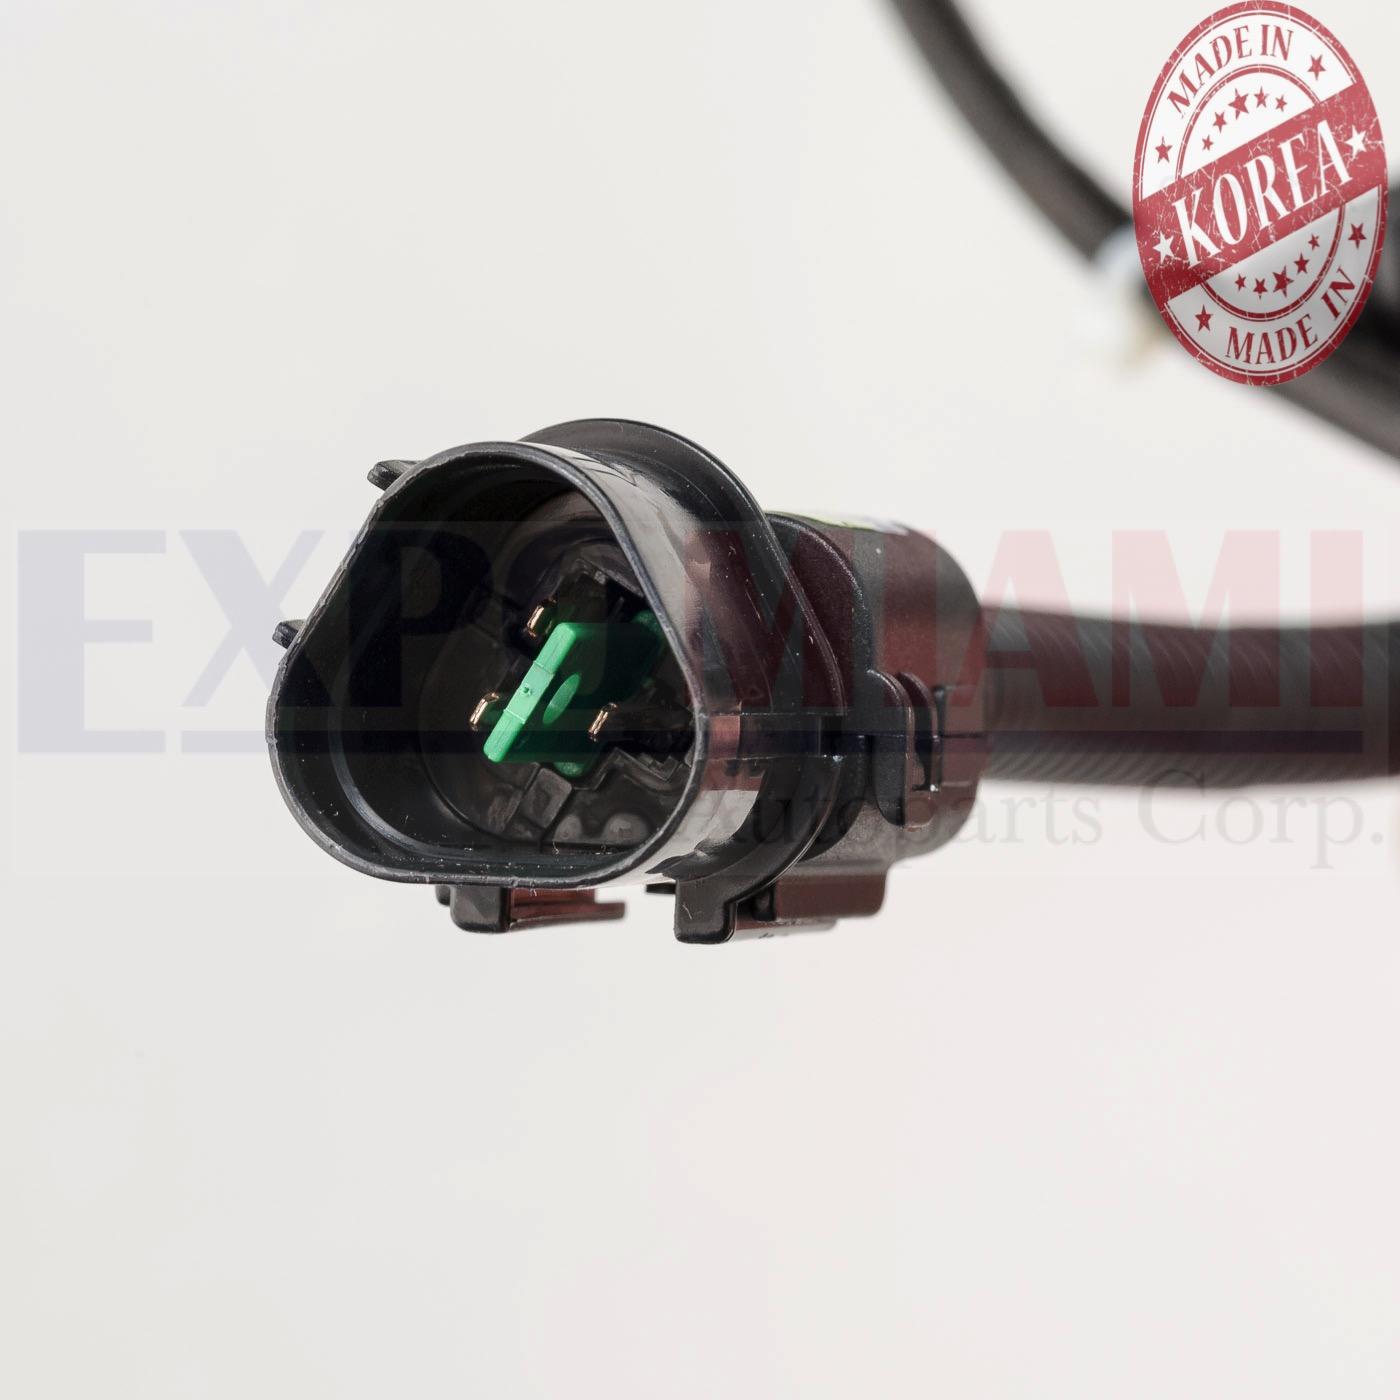 Genuine Fits 02-04 Hyundai Santa Fe Crankshaft Position